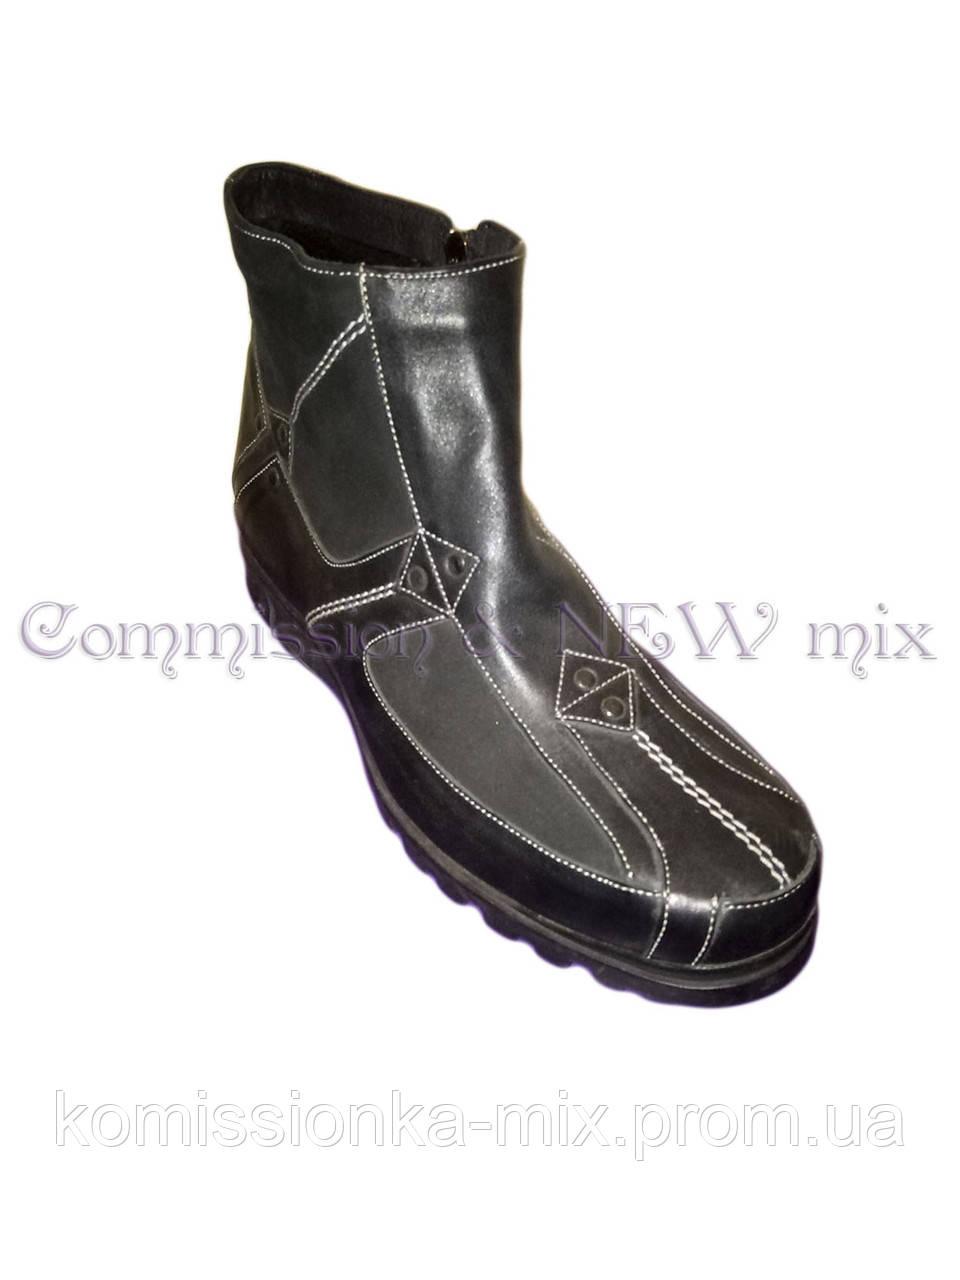 Ботинки мужские ETOR новые